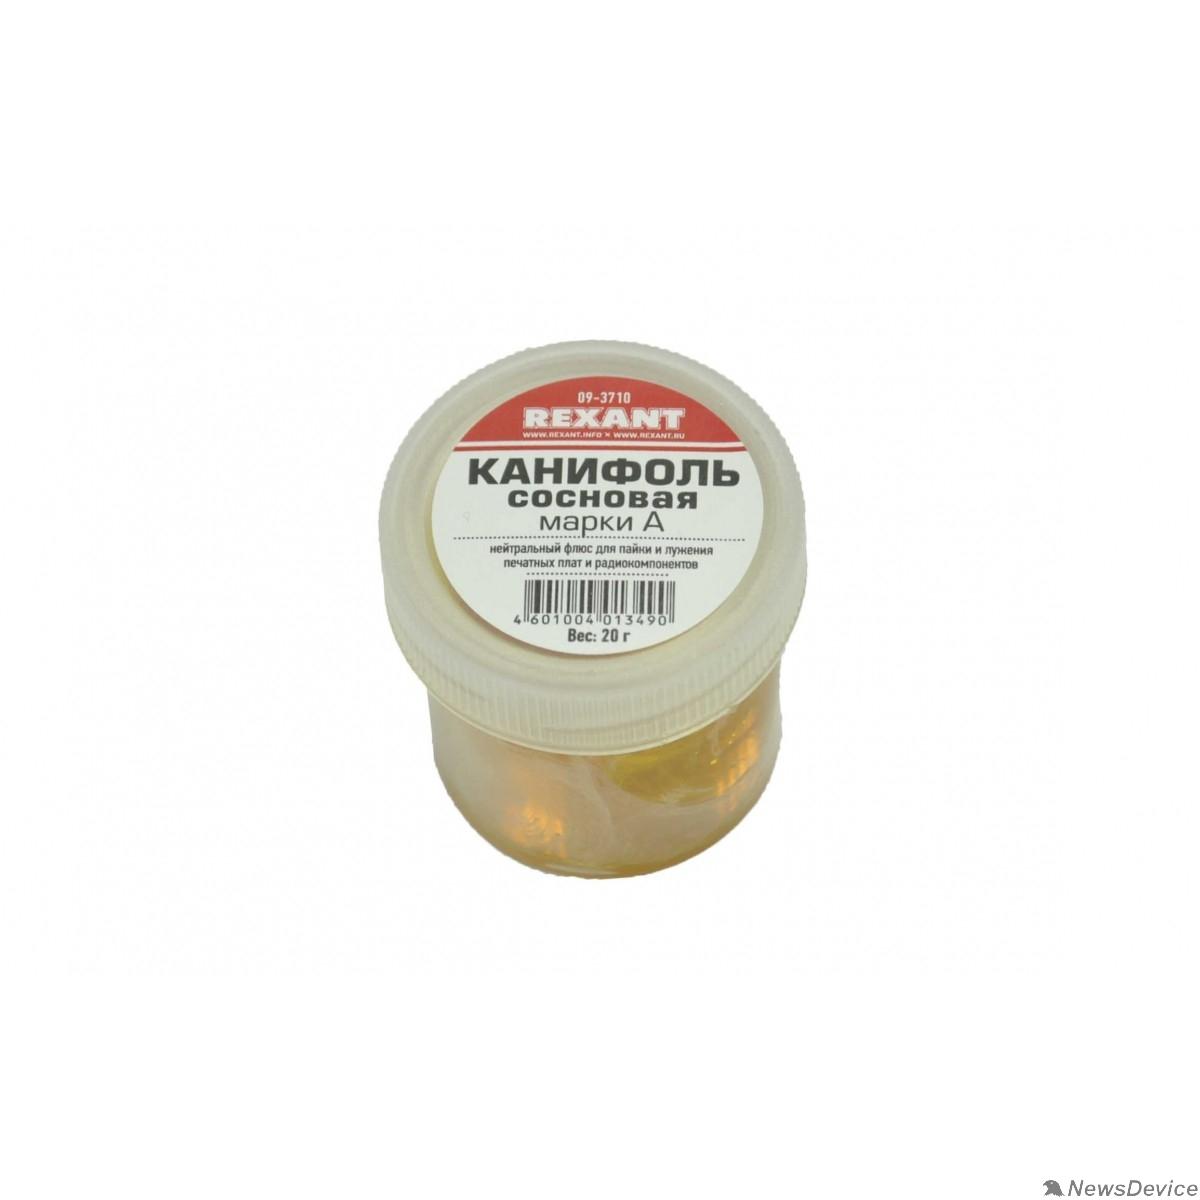 Припои REXANT (09-3710) Канифоль сосновая марки А  20гр